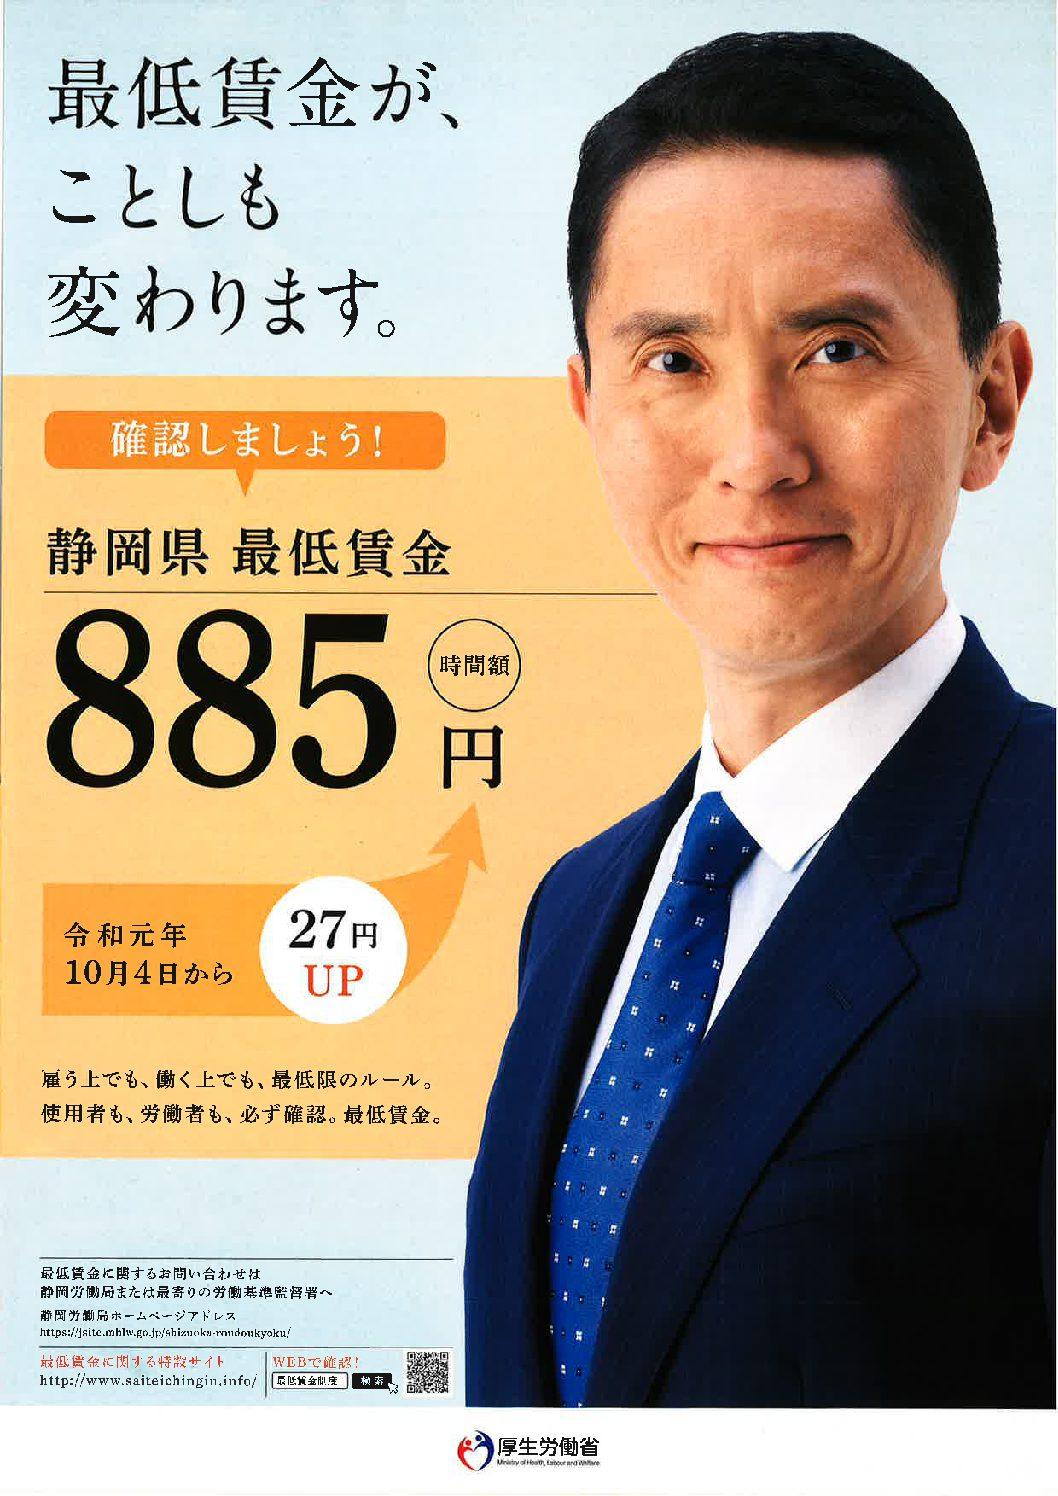 令和元年10月4日静岡県最低賃金改定について